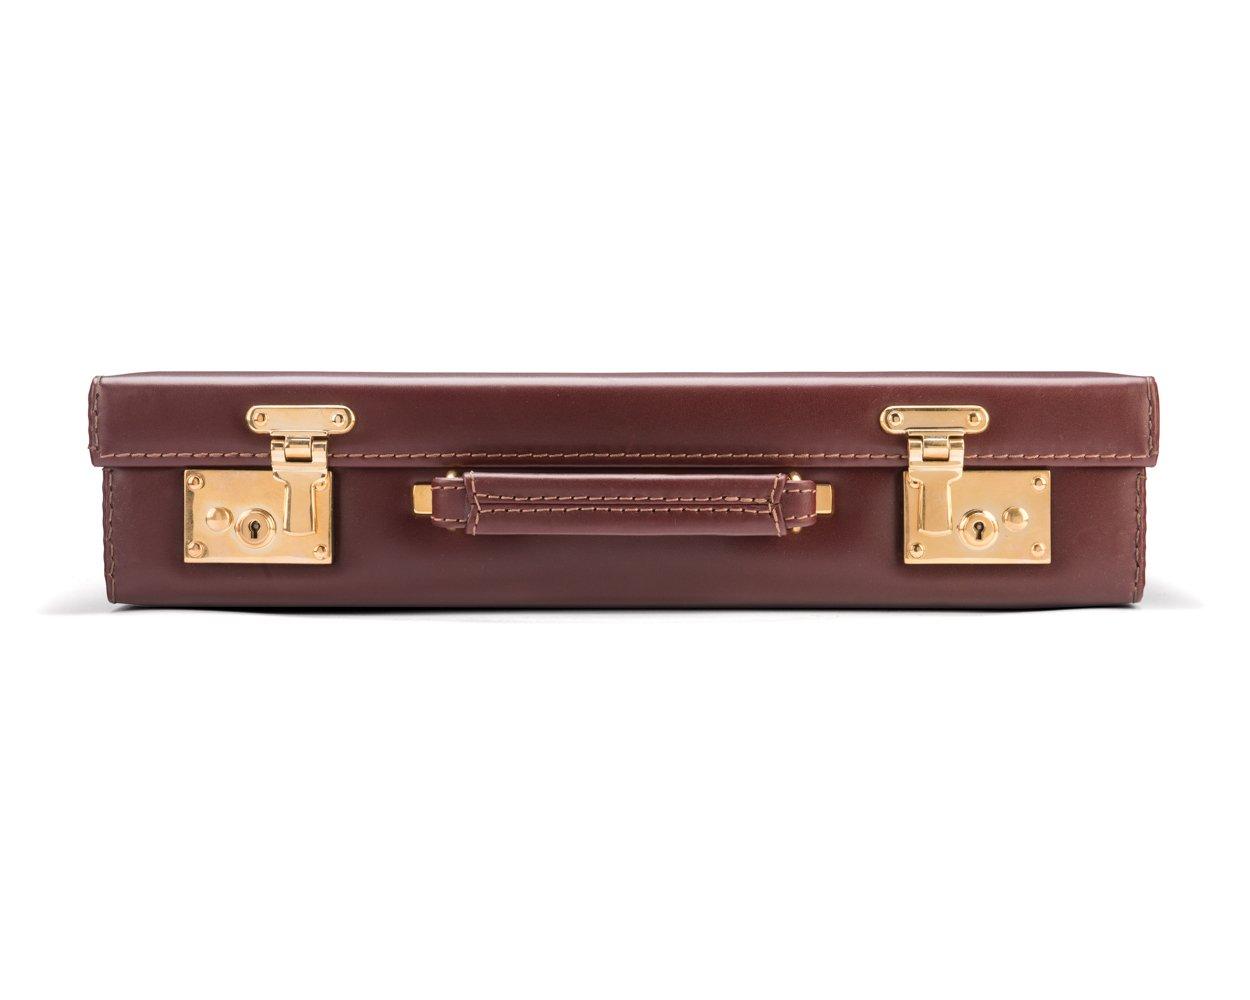 SAGEBROWN Dark Tan Calf Knightsbridge Attache Case With Brass Locks